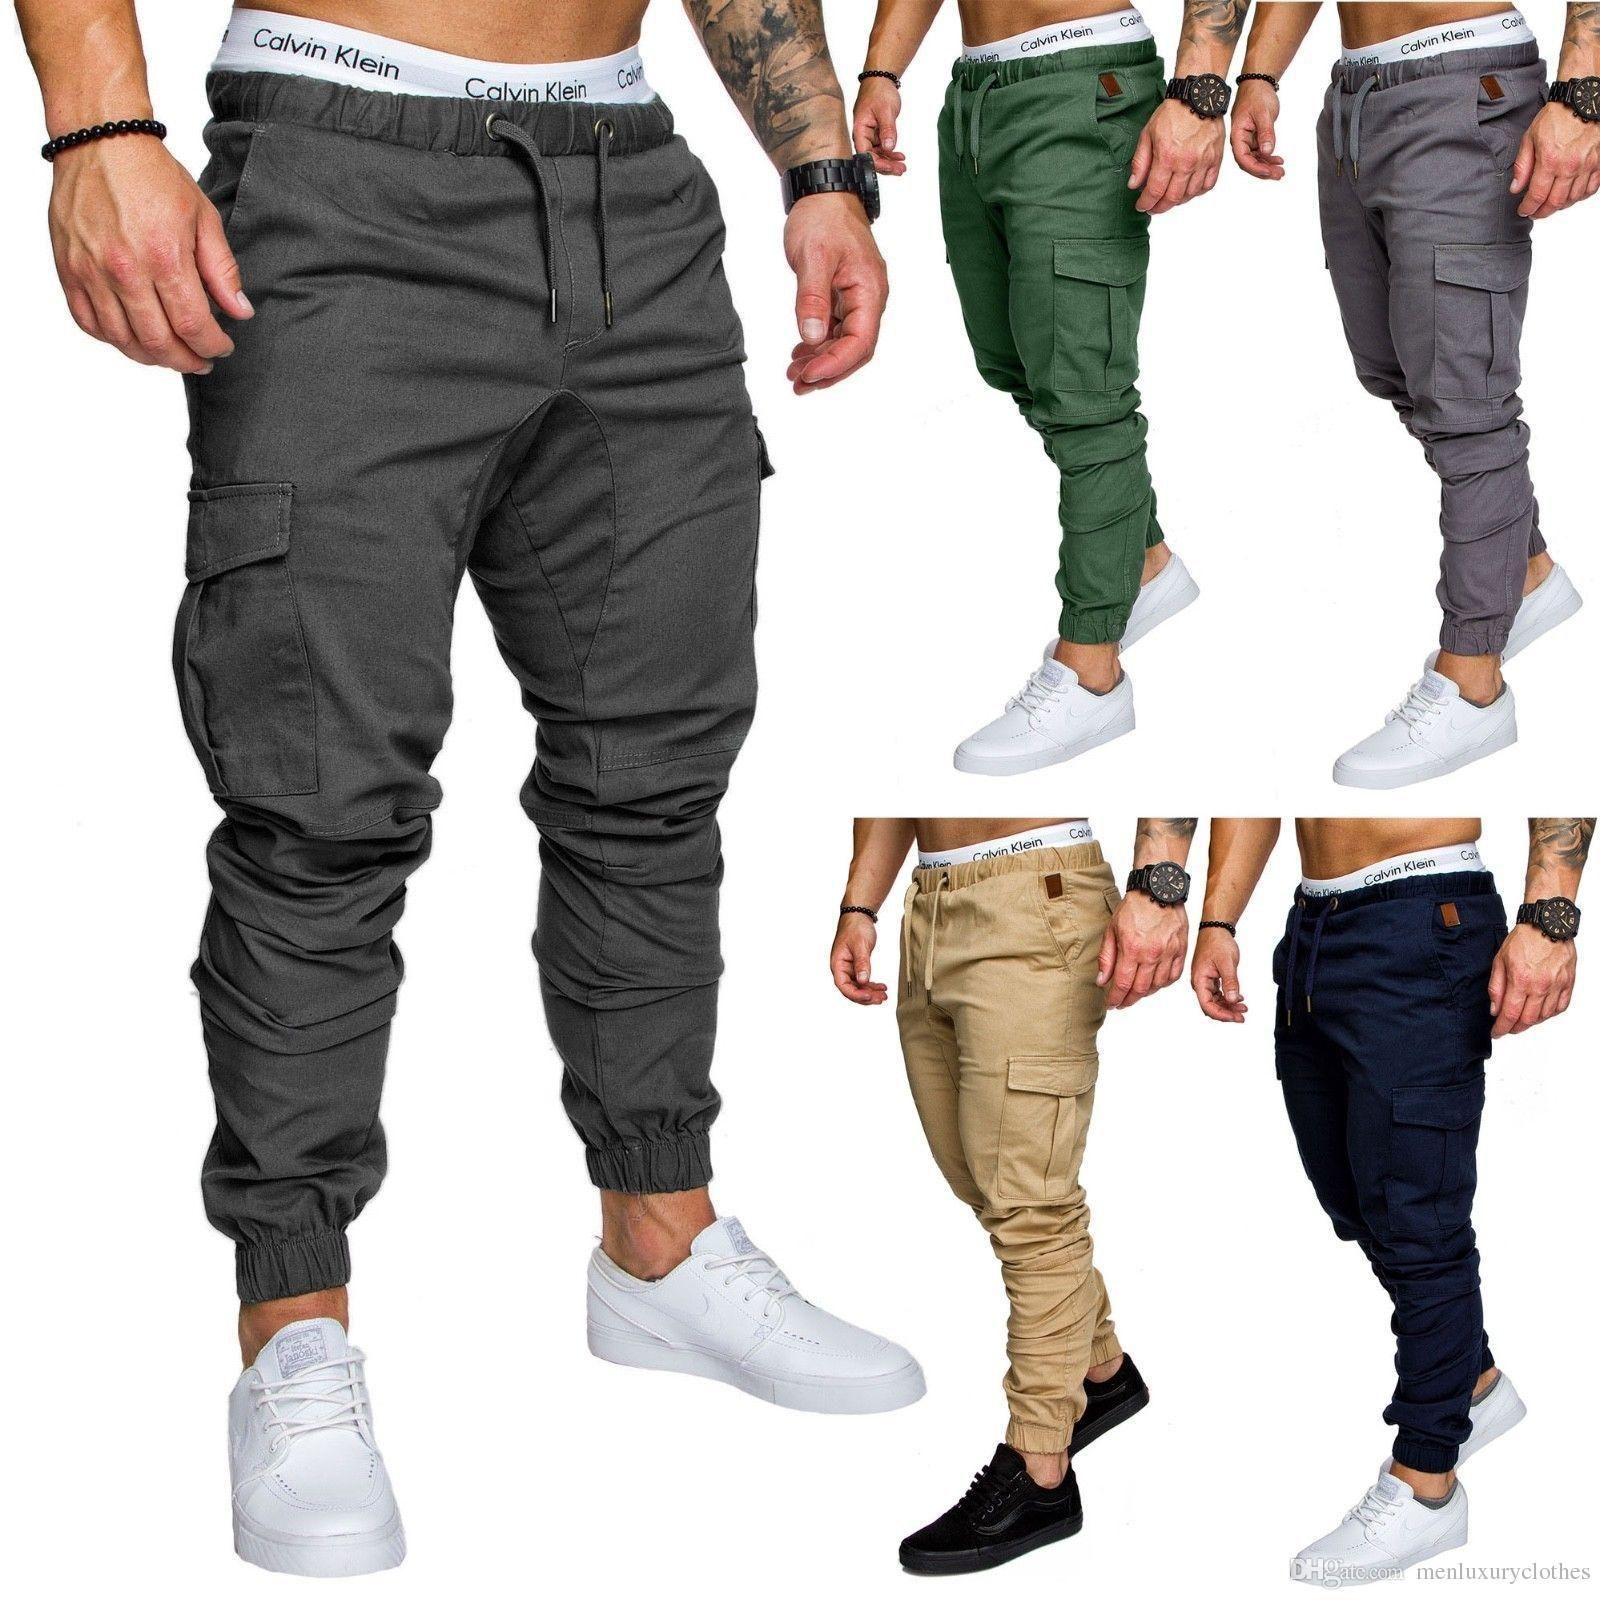 Мульти Кармана грузовых брюк для мужчин бегуны Sweatpants легкоатлетических Хлопок Эластичность перетягивания каната Дизайнерских брюк